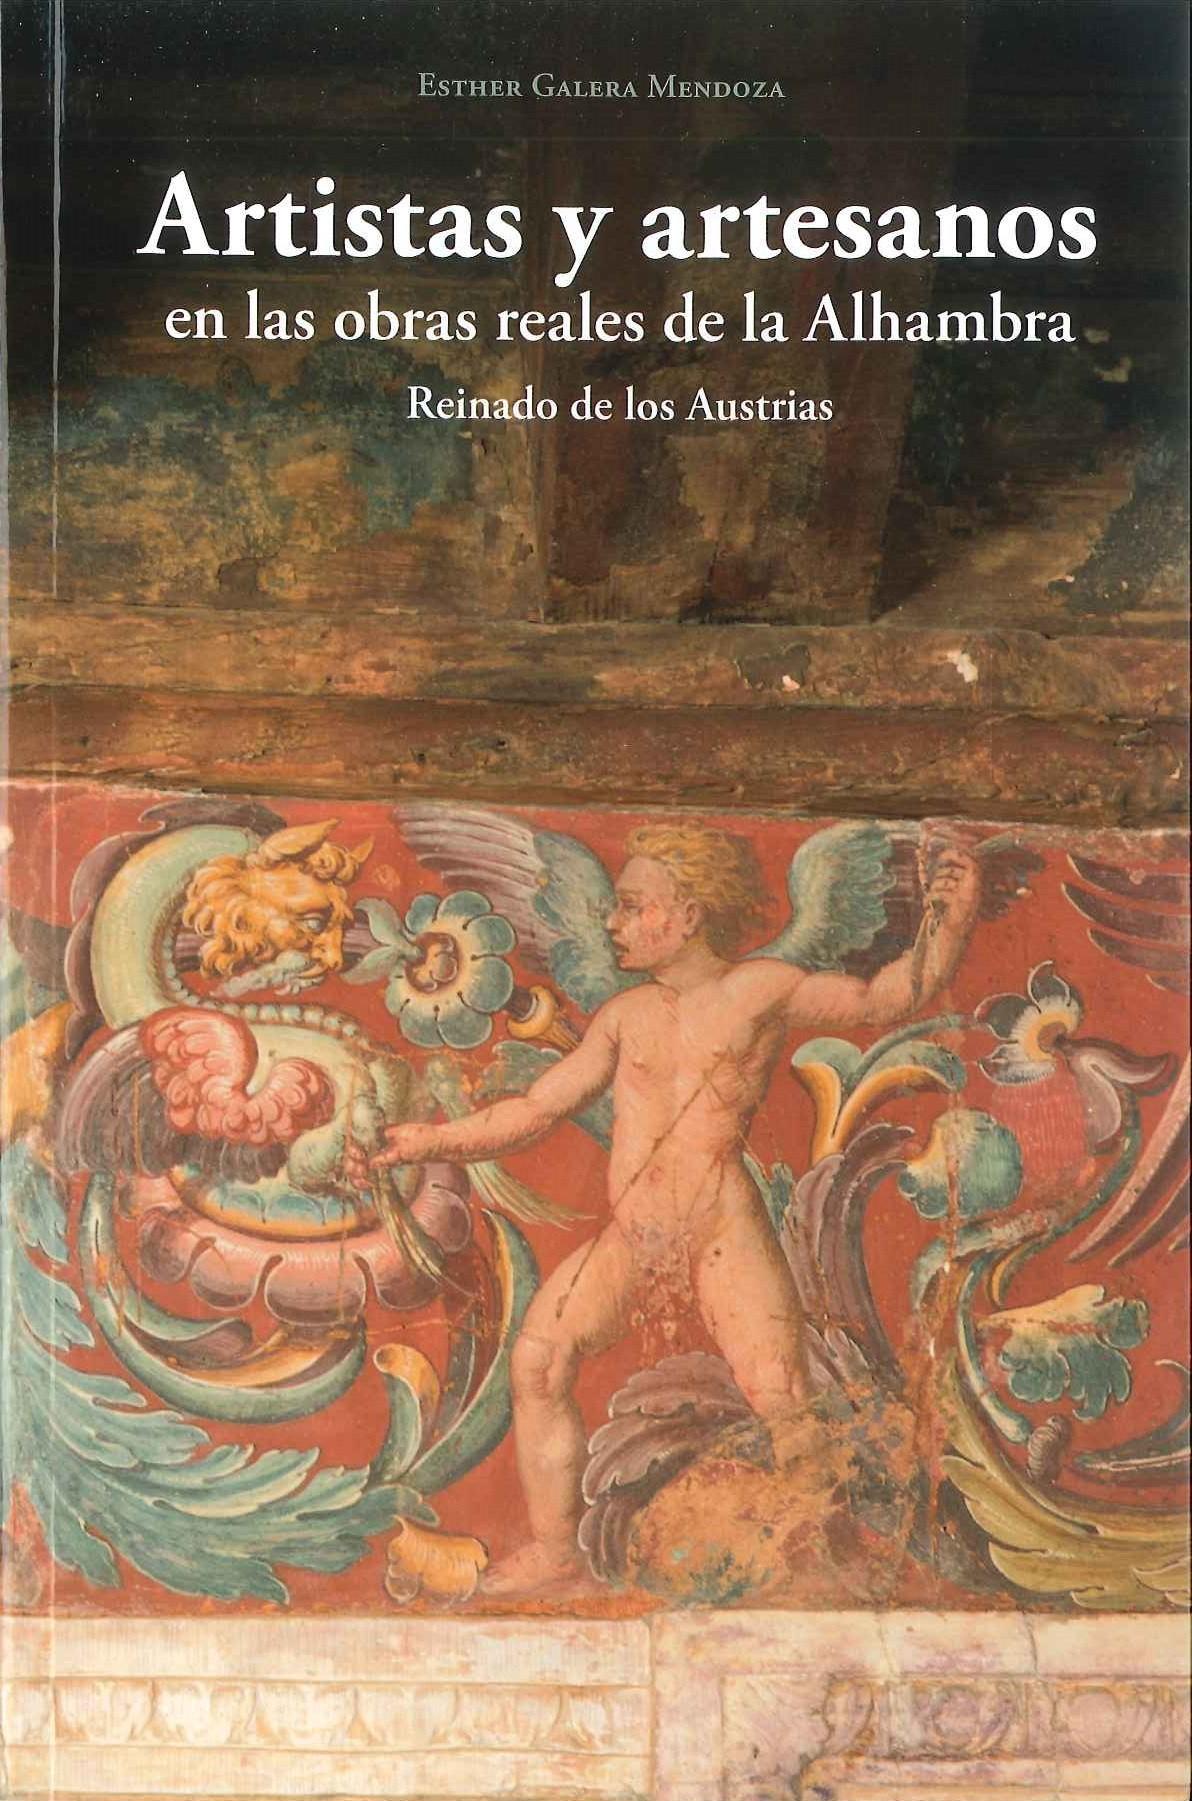 Artistas y artesanos en las obras reales de la Alhambra : reinado de los Austrias